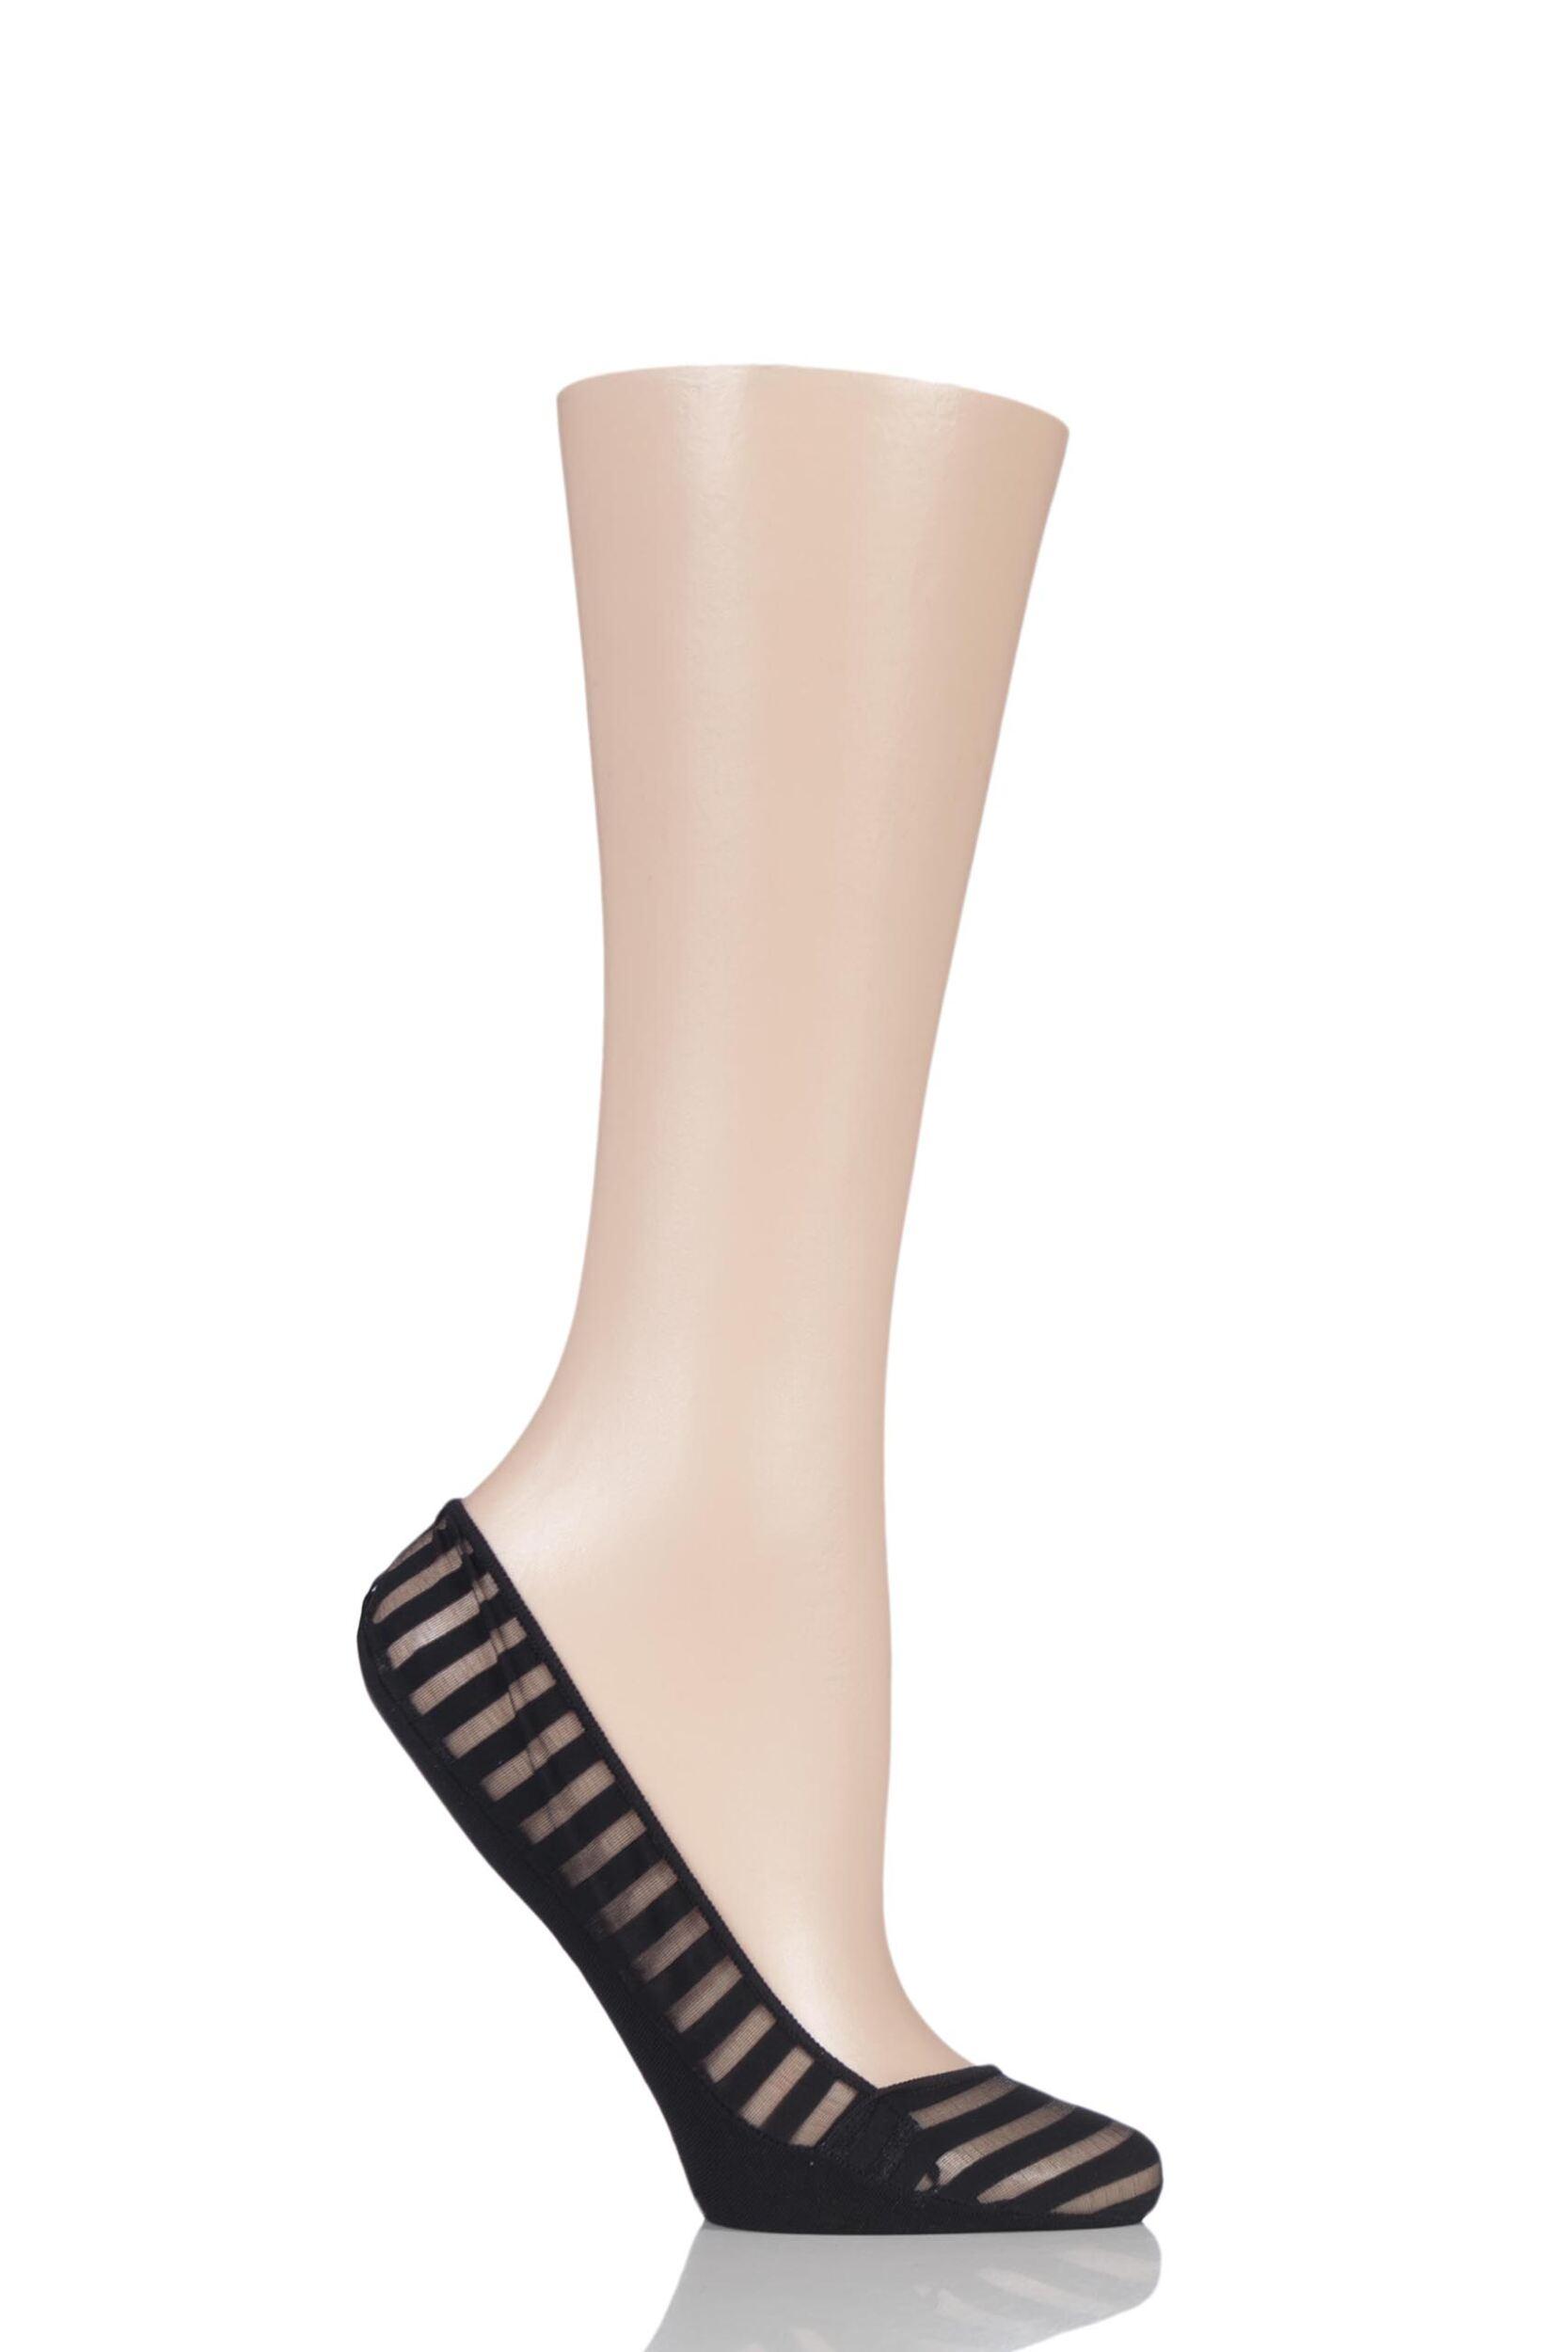 1 Pair Elle Sheer Stripe Shoe Liner Socks With Grip